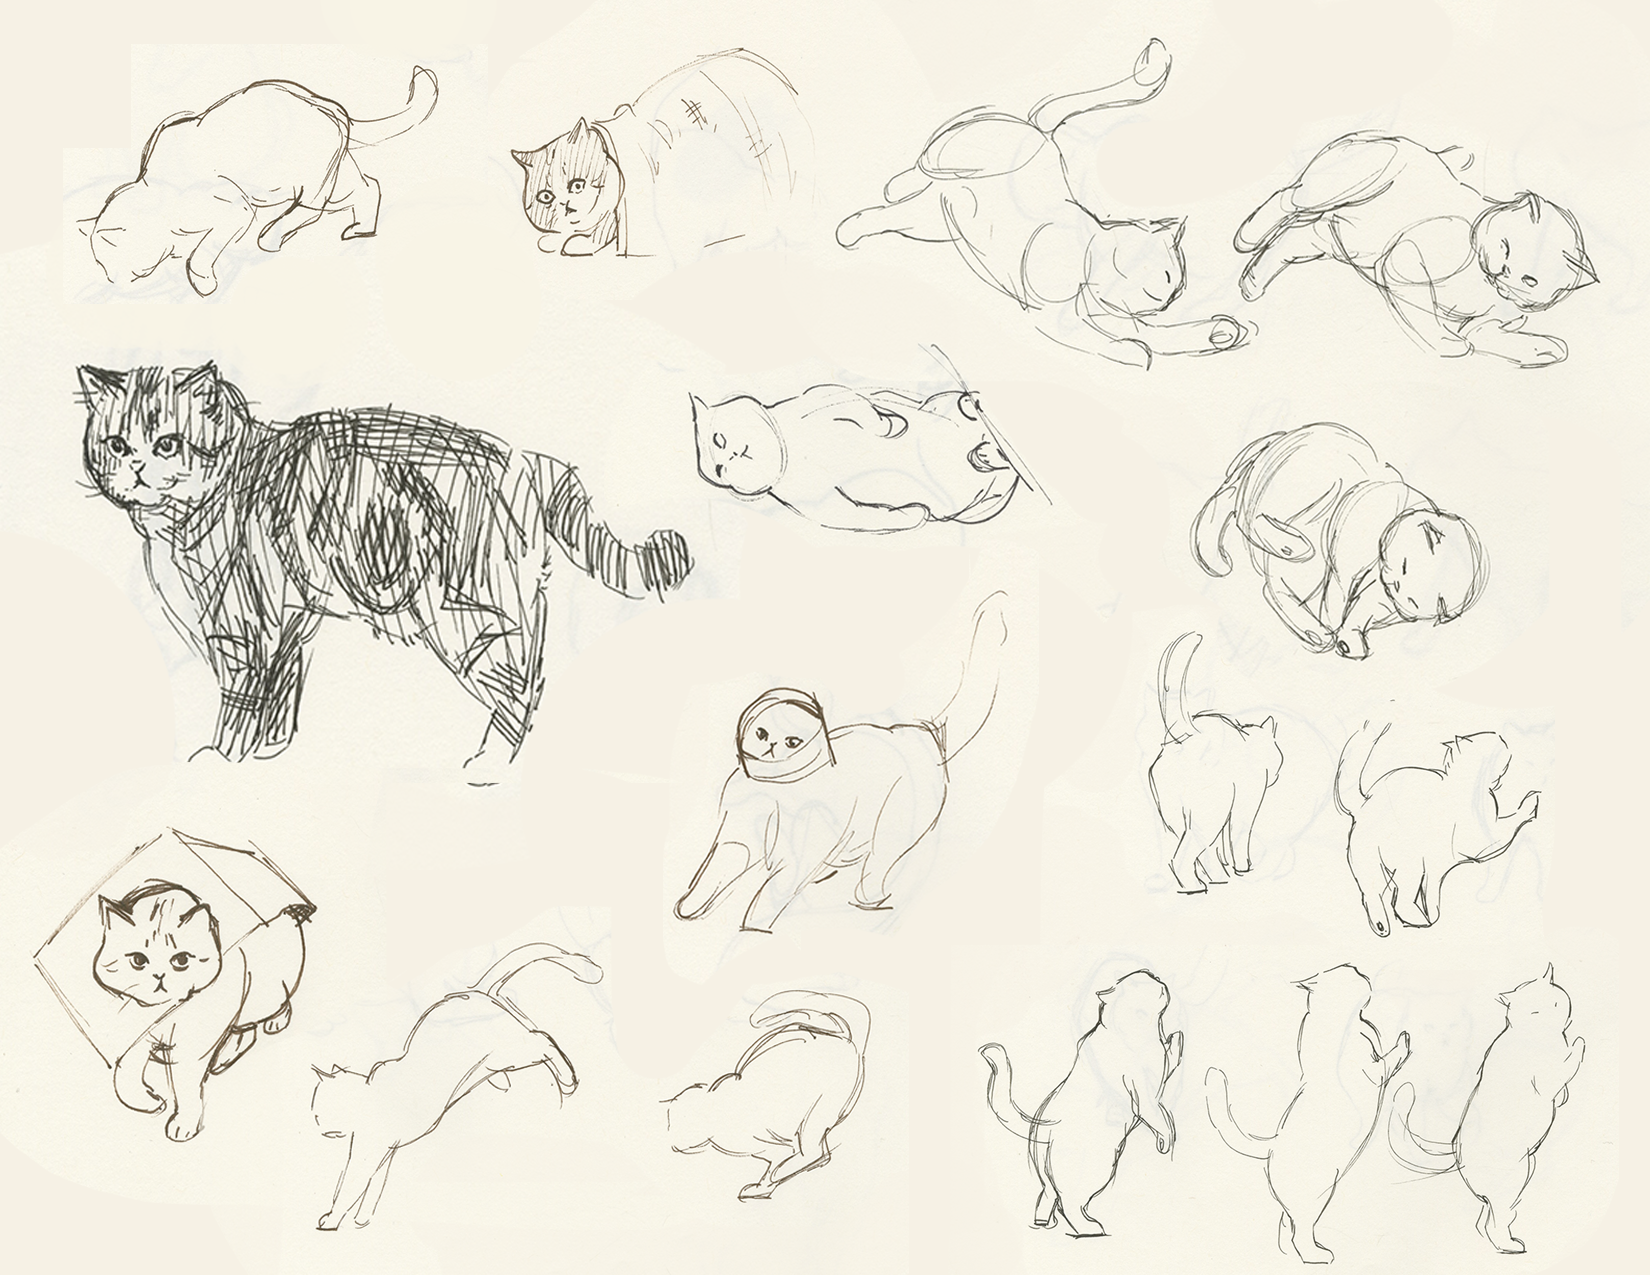 Maru the Cat Sketch Book study  2018